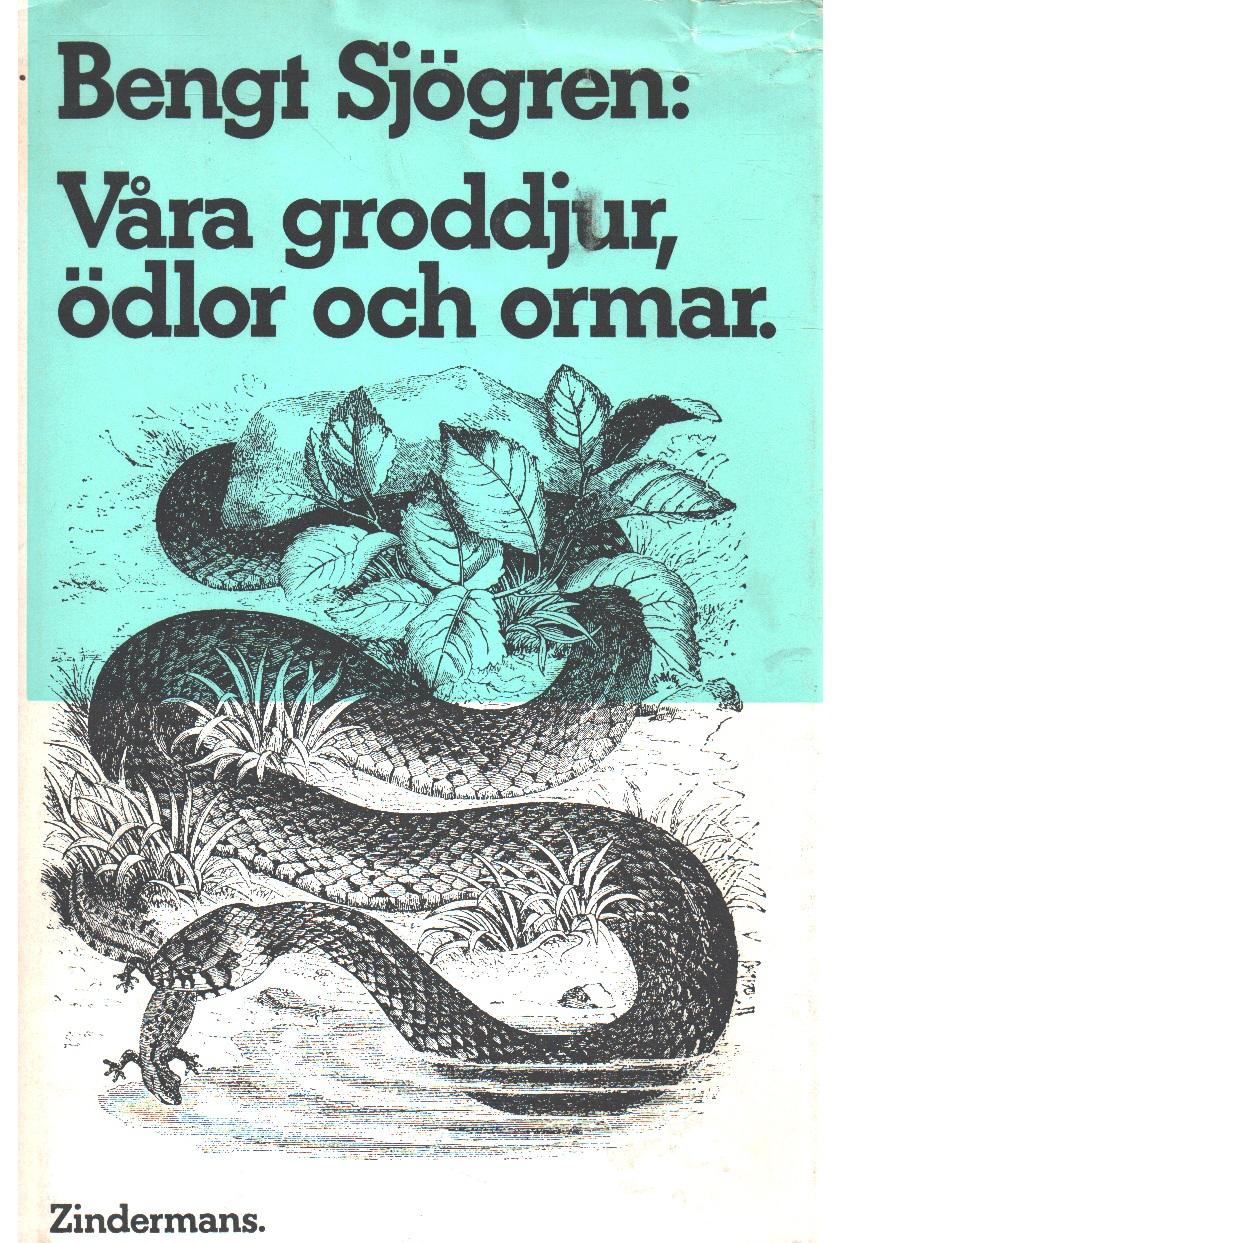 Våra groddjur, ödlor och ormar - Sjögren, Bengt